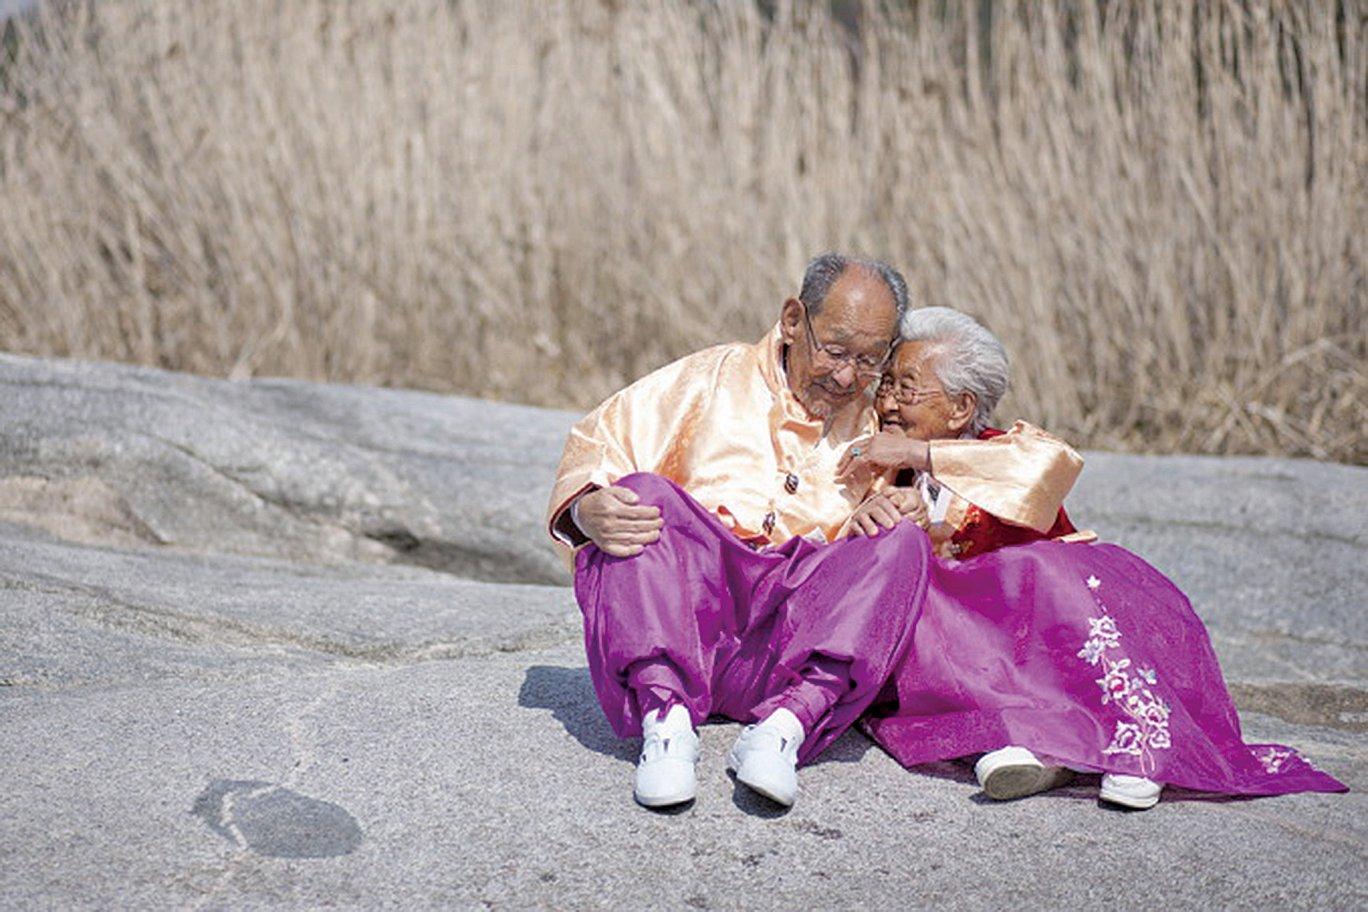 預測到2030年,韓國將成為全球最長壽國家。(網絡圖片)